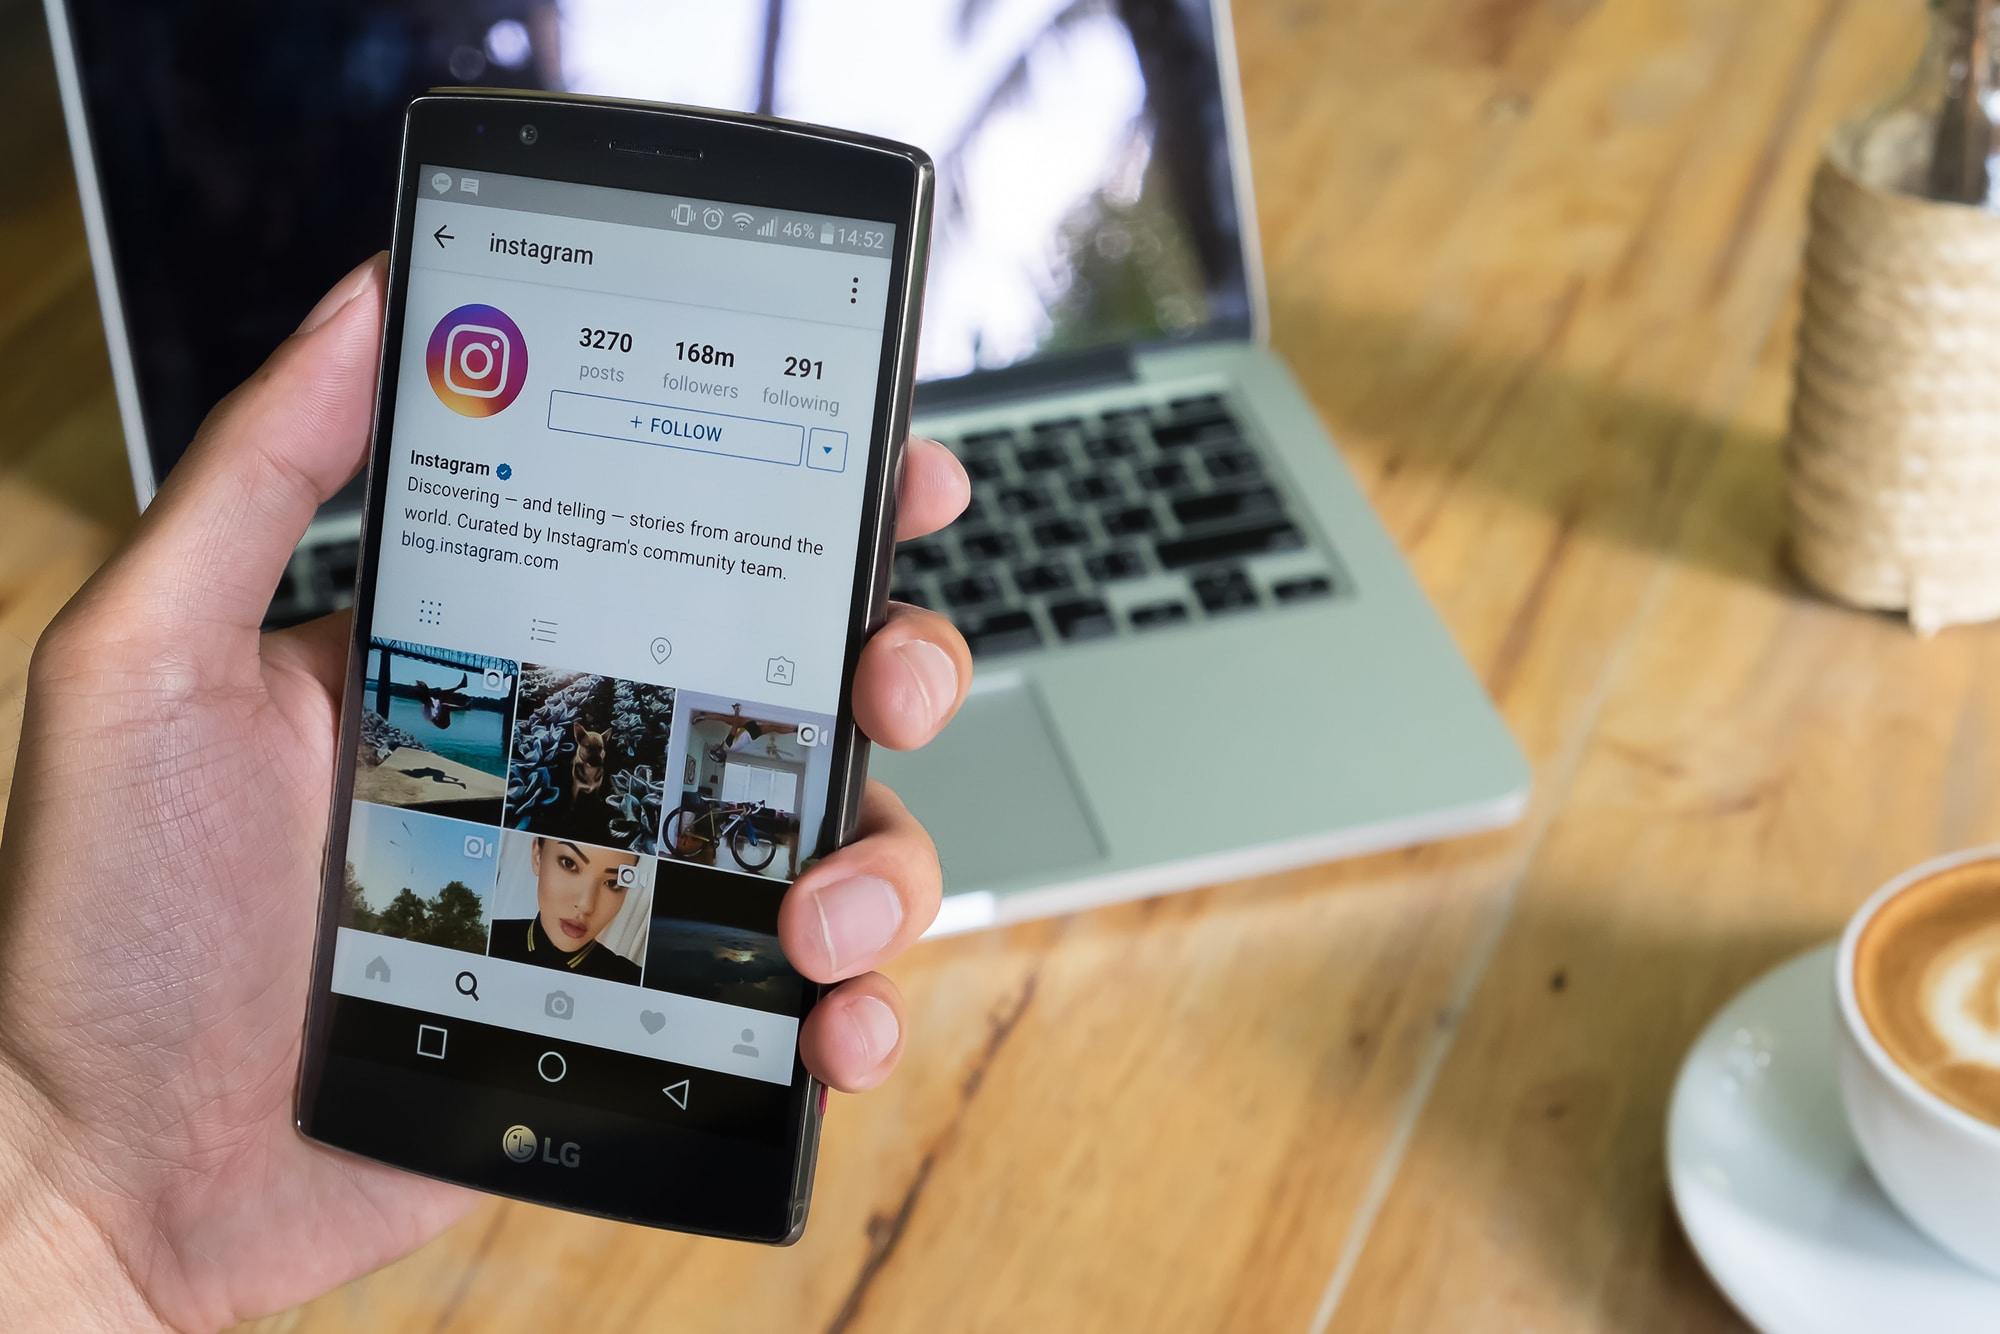 desain-feed-instagram-gunakan-elemen-elemen-ini-untuk-membuat-desain-feed-instagram-yang-lebih-keren